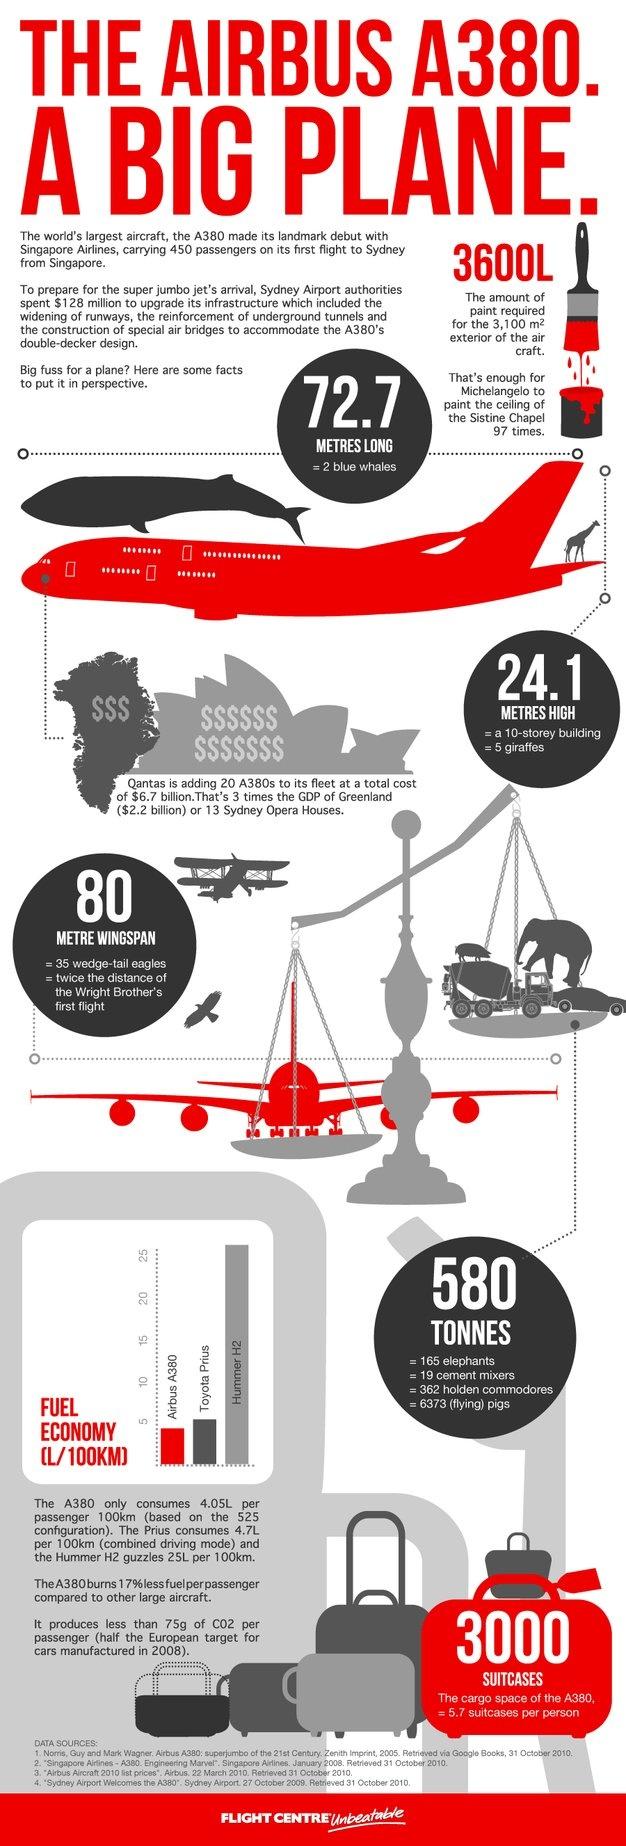 世界一大きな飛行機「エアバス」のことがよくわかるインフォグラフィック